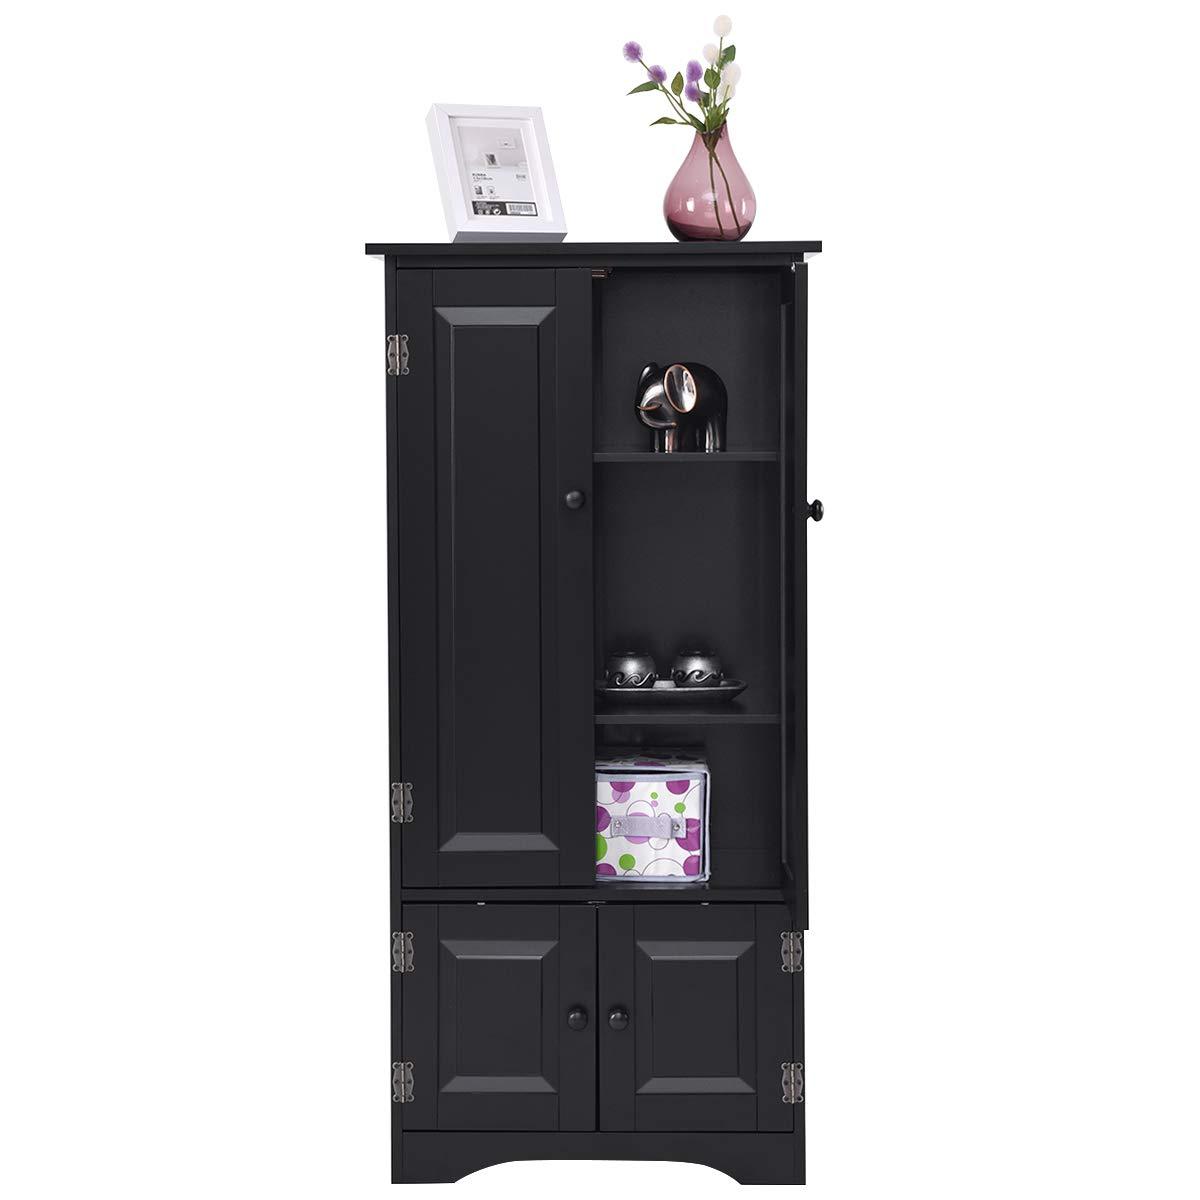 Giantex Accent Floor Storage Cabinet Adjustable Shelves Antique 2-Door Low Floor Cabinet 24'' Lx13 Wx49''H (Black)